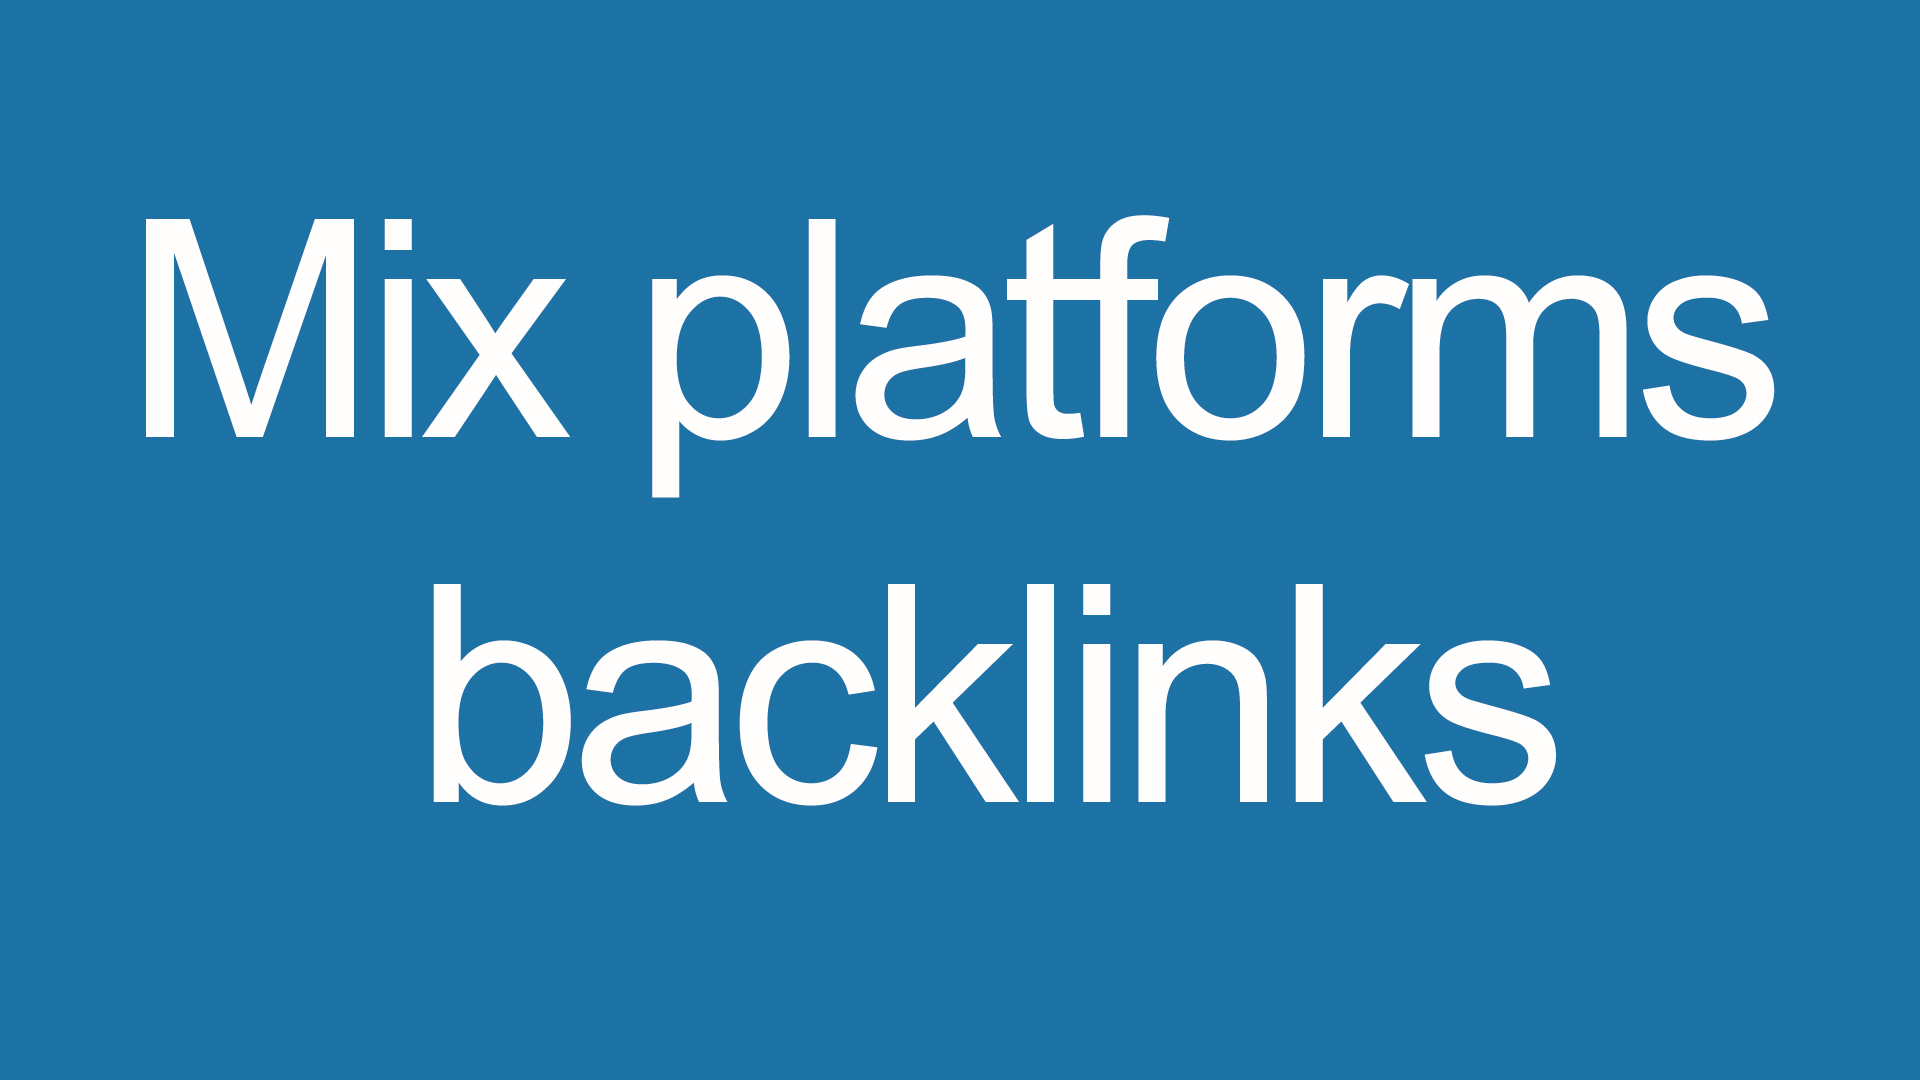 Mix platforms backlinks 5000 backlinks for your site